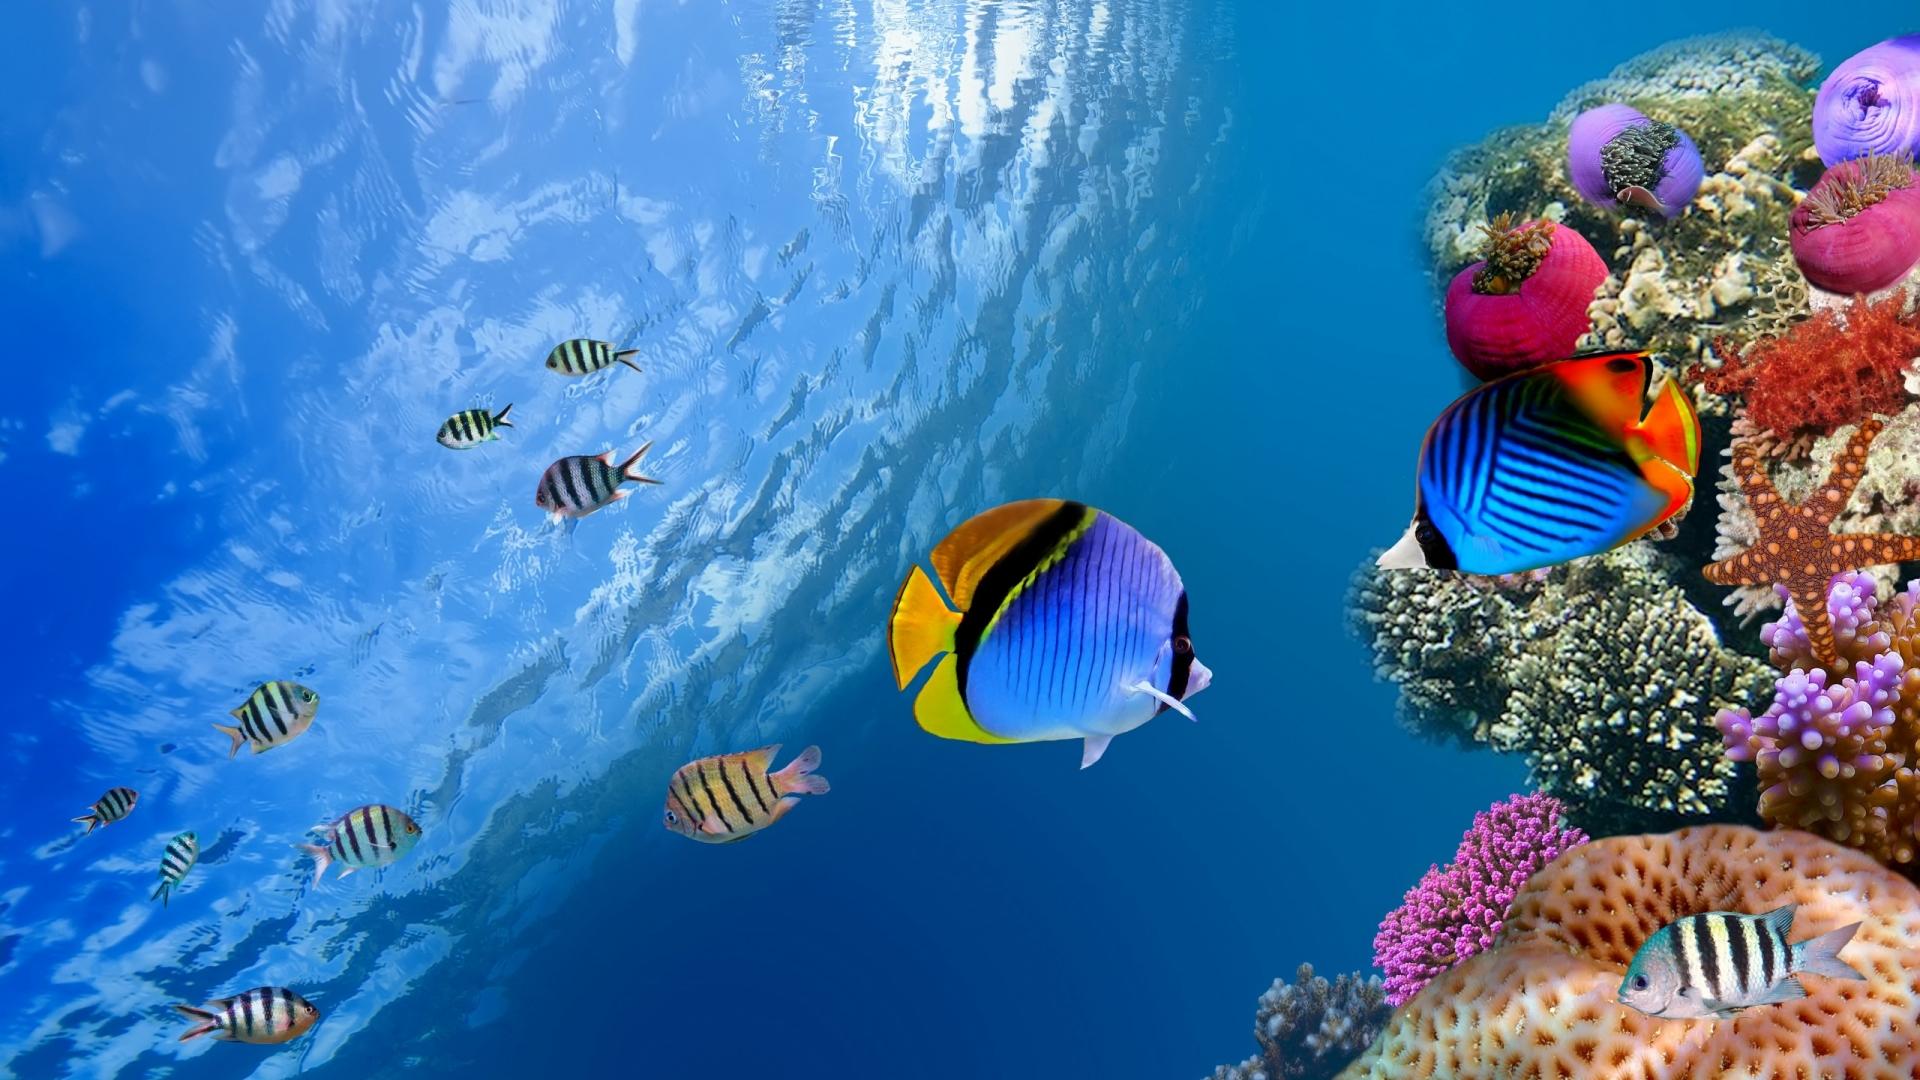 Ocean Wallpaper - Wallpaper, High Definition, High Quality ...